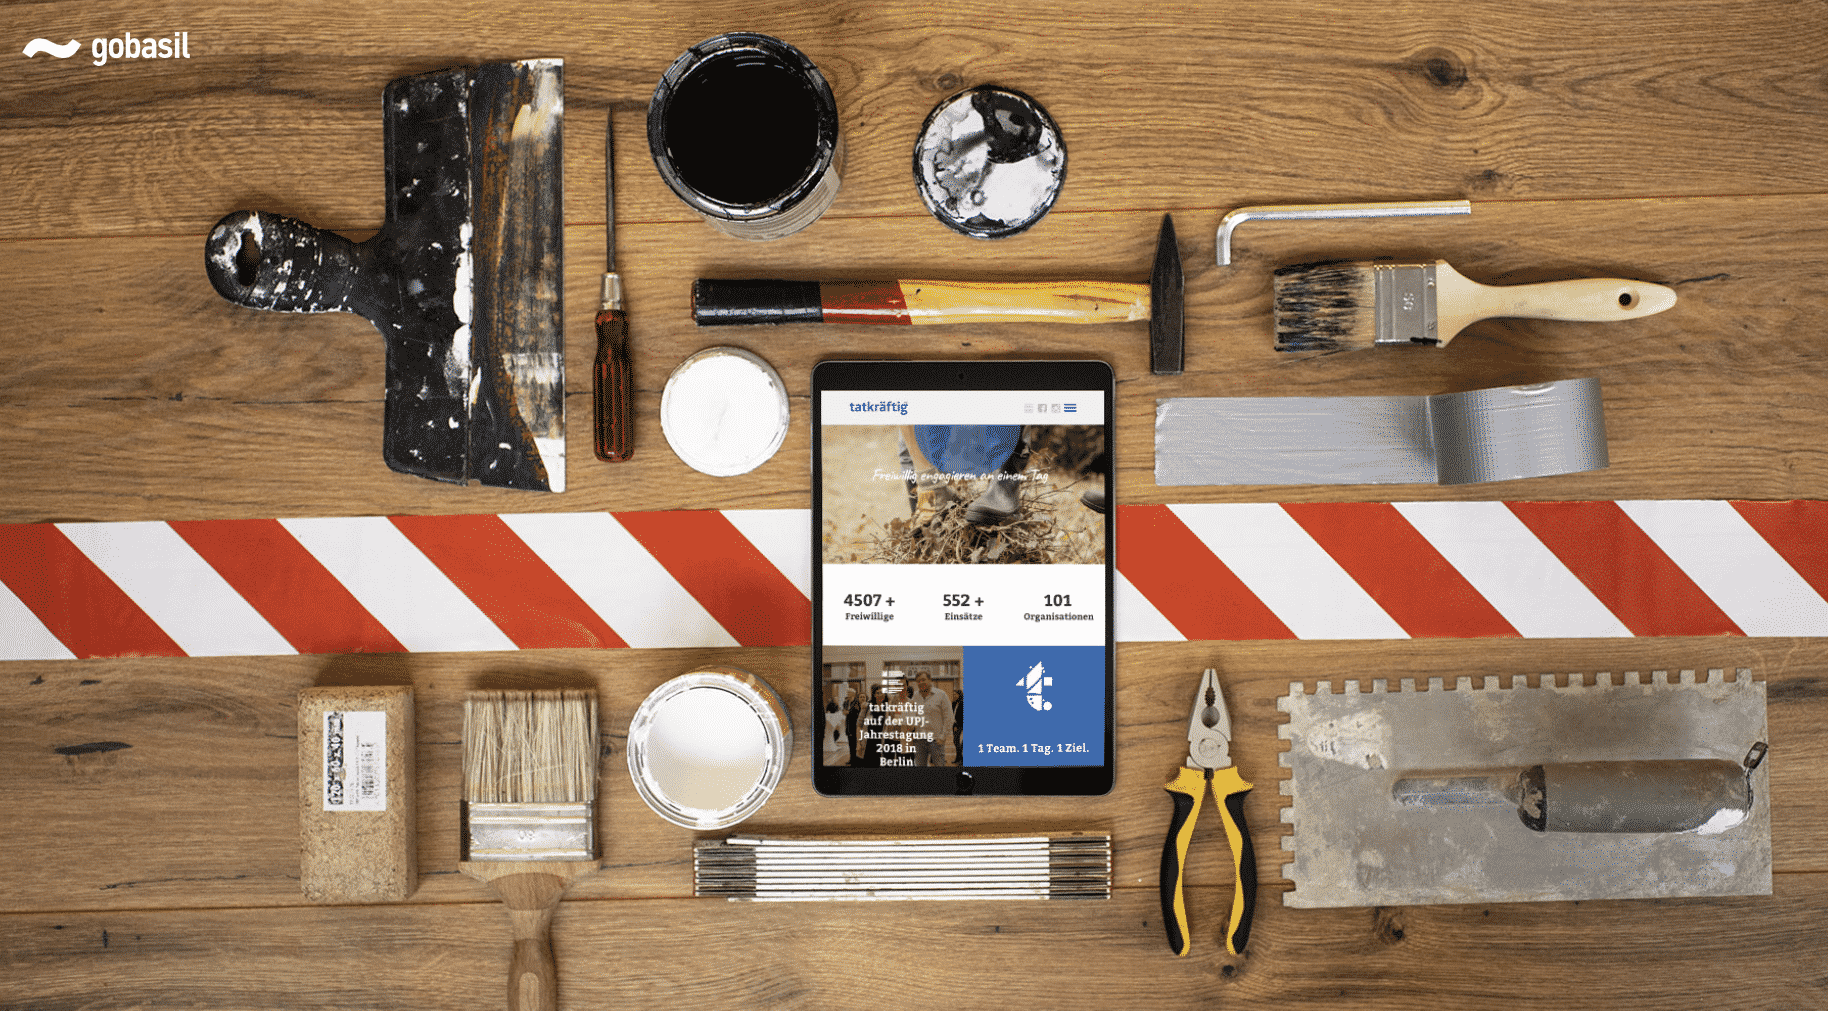 Neuer Web-Auftritt – gobasil macht tatkraeftig.org smartphonefähig